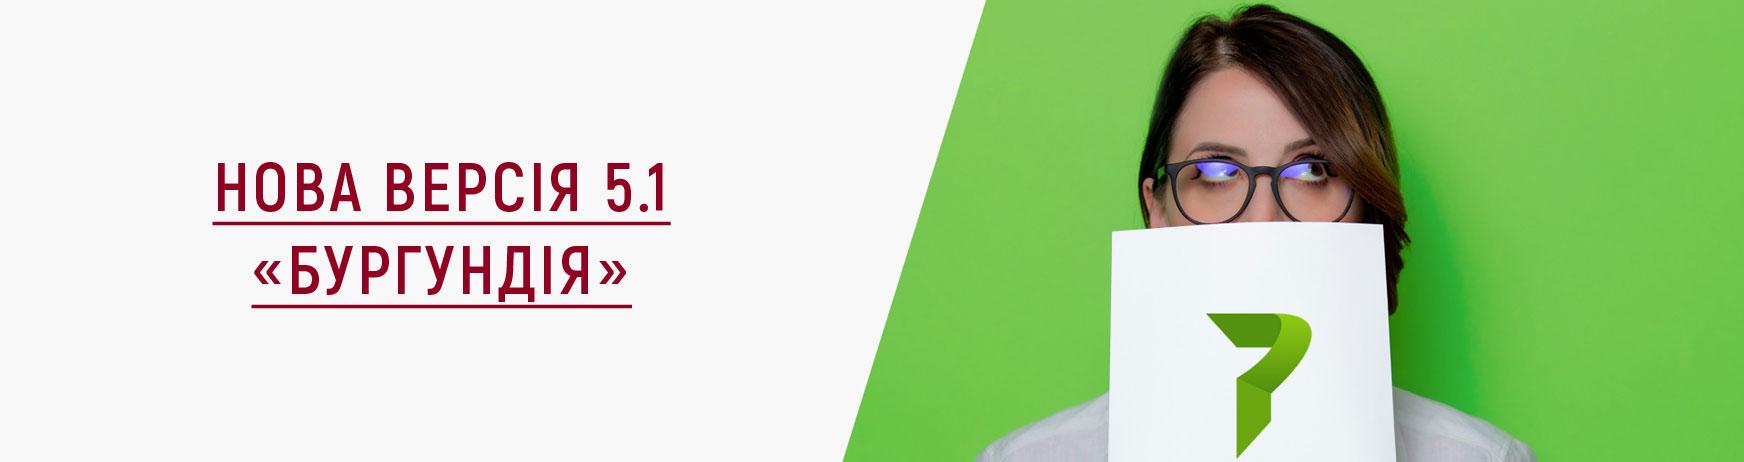 НОВАЯ ВЕРСИЯ PERFECTUM CRM+ERP 5.1